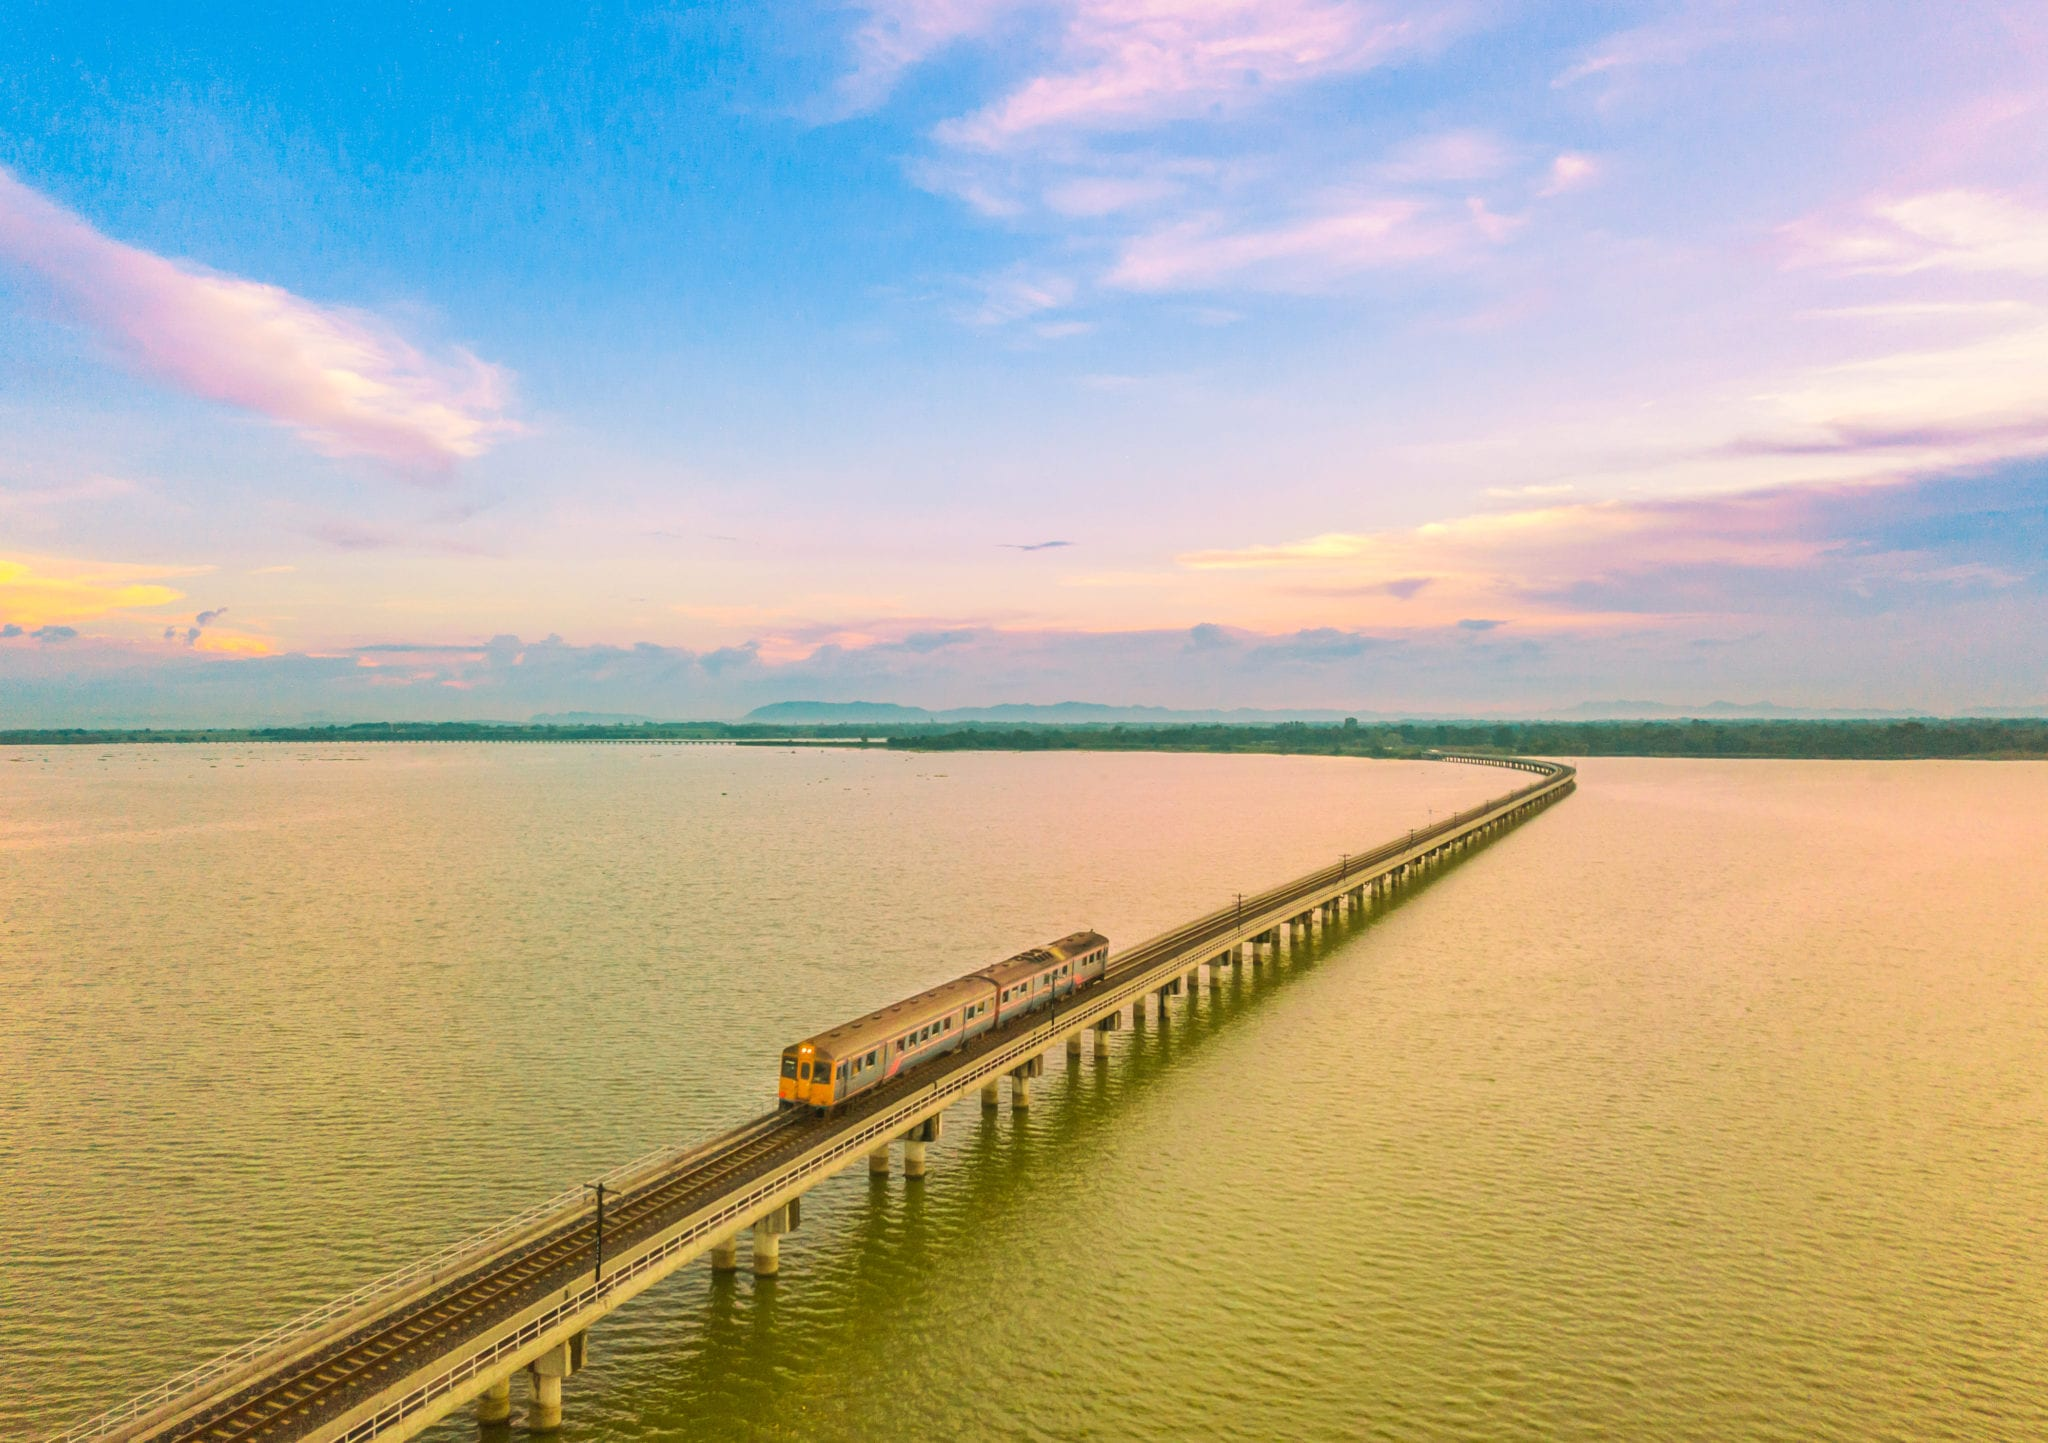 เส้นทางรถไฟ, ตารางเดินรถไฟ, นั่งรถไฟเที่ยว, เขื่อนป่าสักชลสิทธิ์